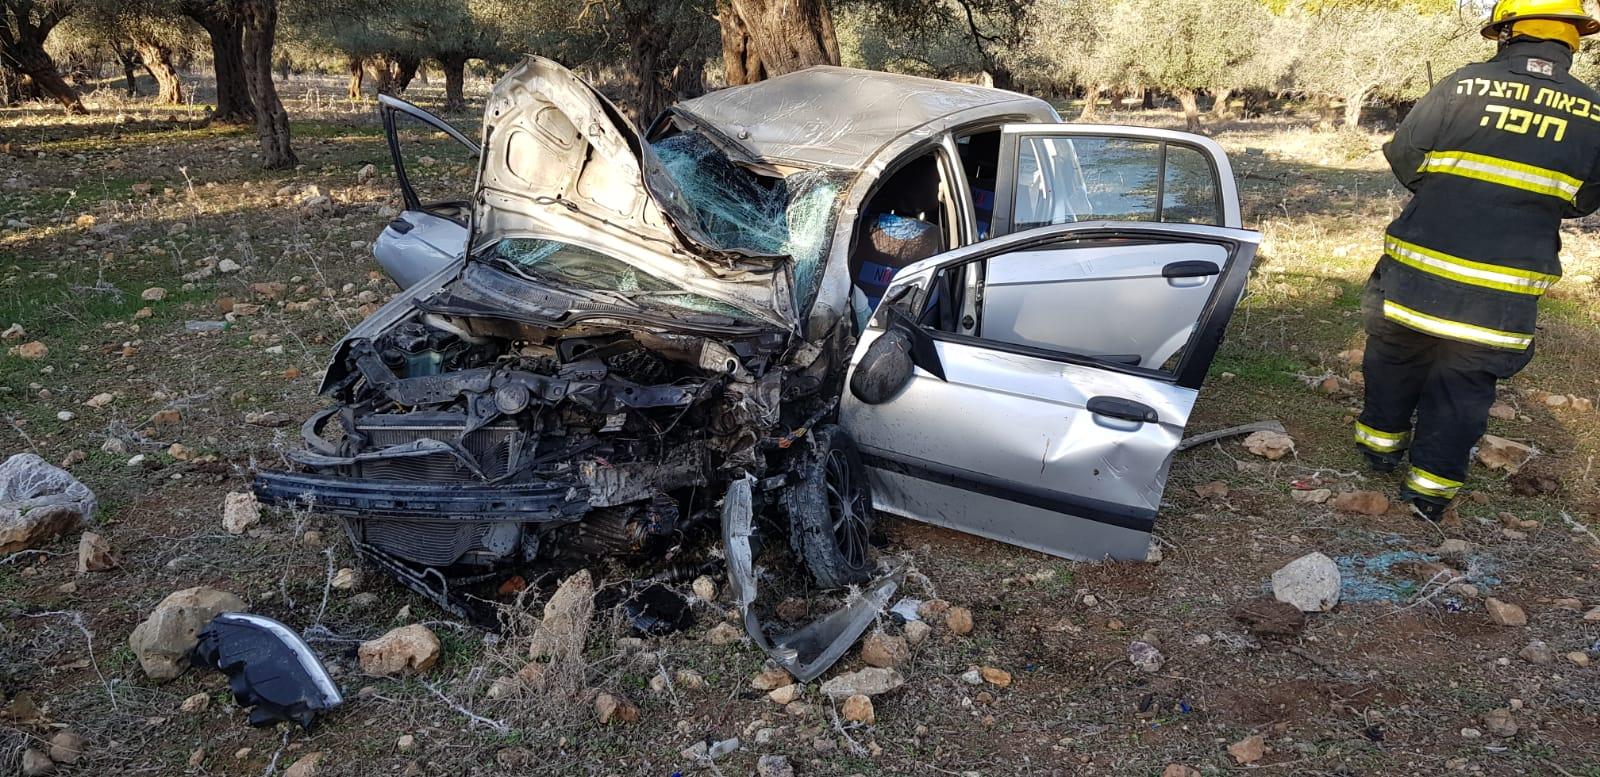 רכב התהפך סמוך למחלף אלייקים – שני בני אדם נפצעו באורח קל ובינוני